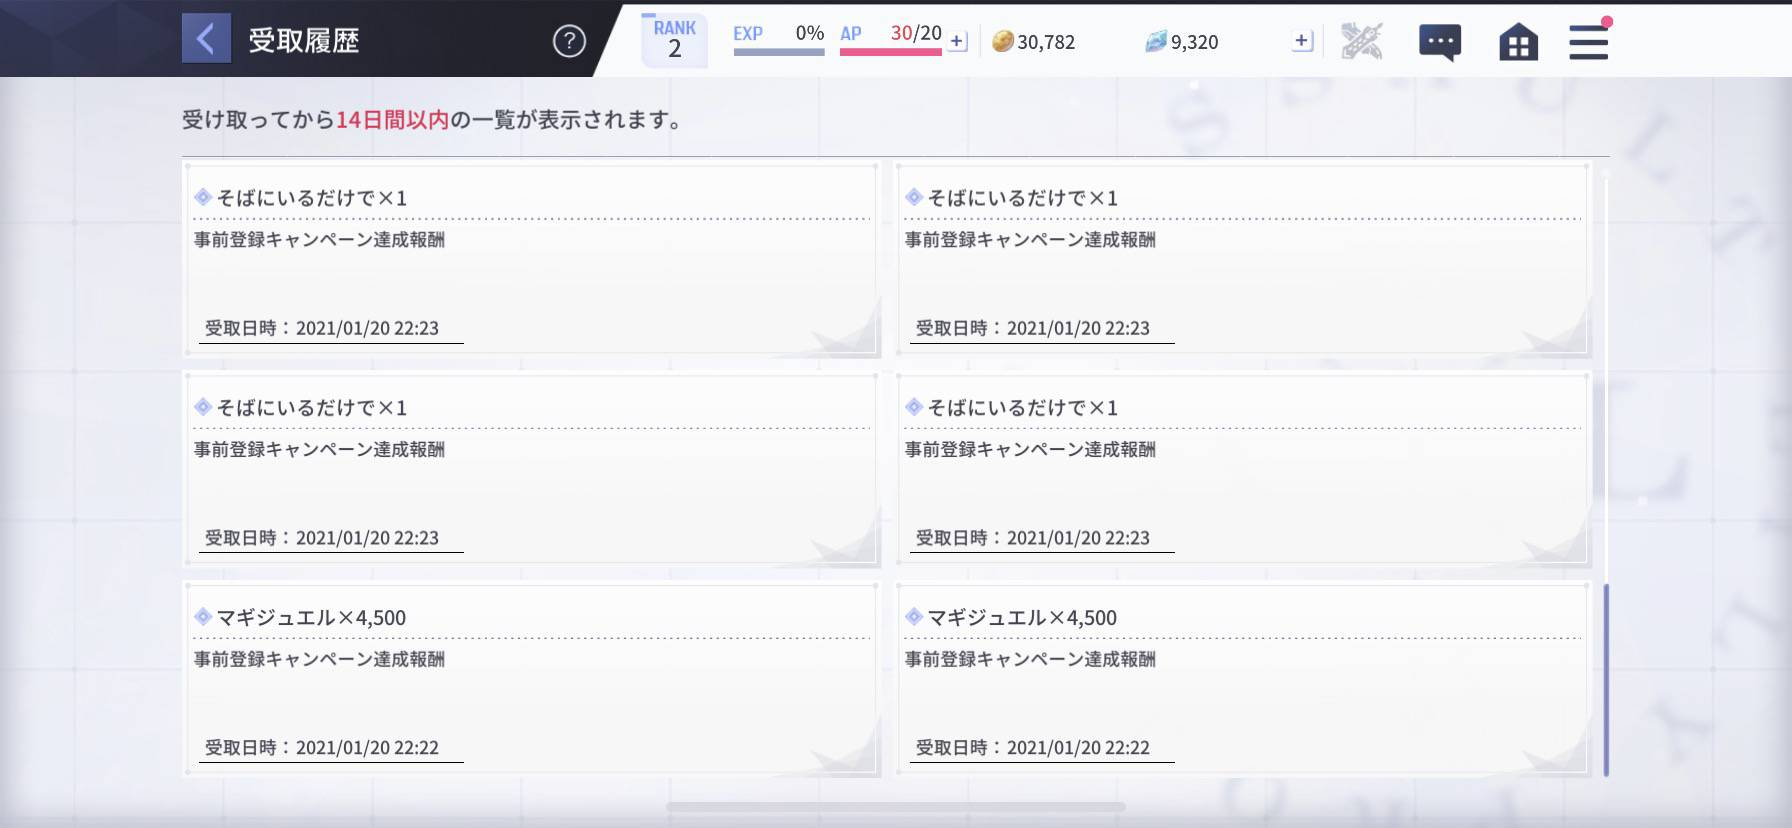 【ラスバレ】事前登録キャンペーン4500石2回受け取れたんだが・・ ← こマ!?